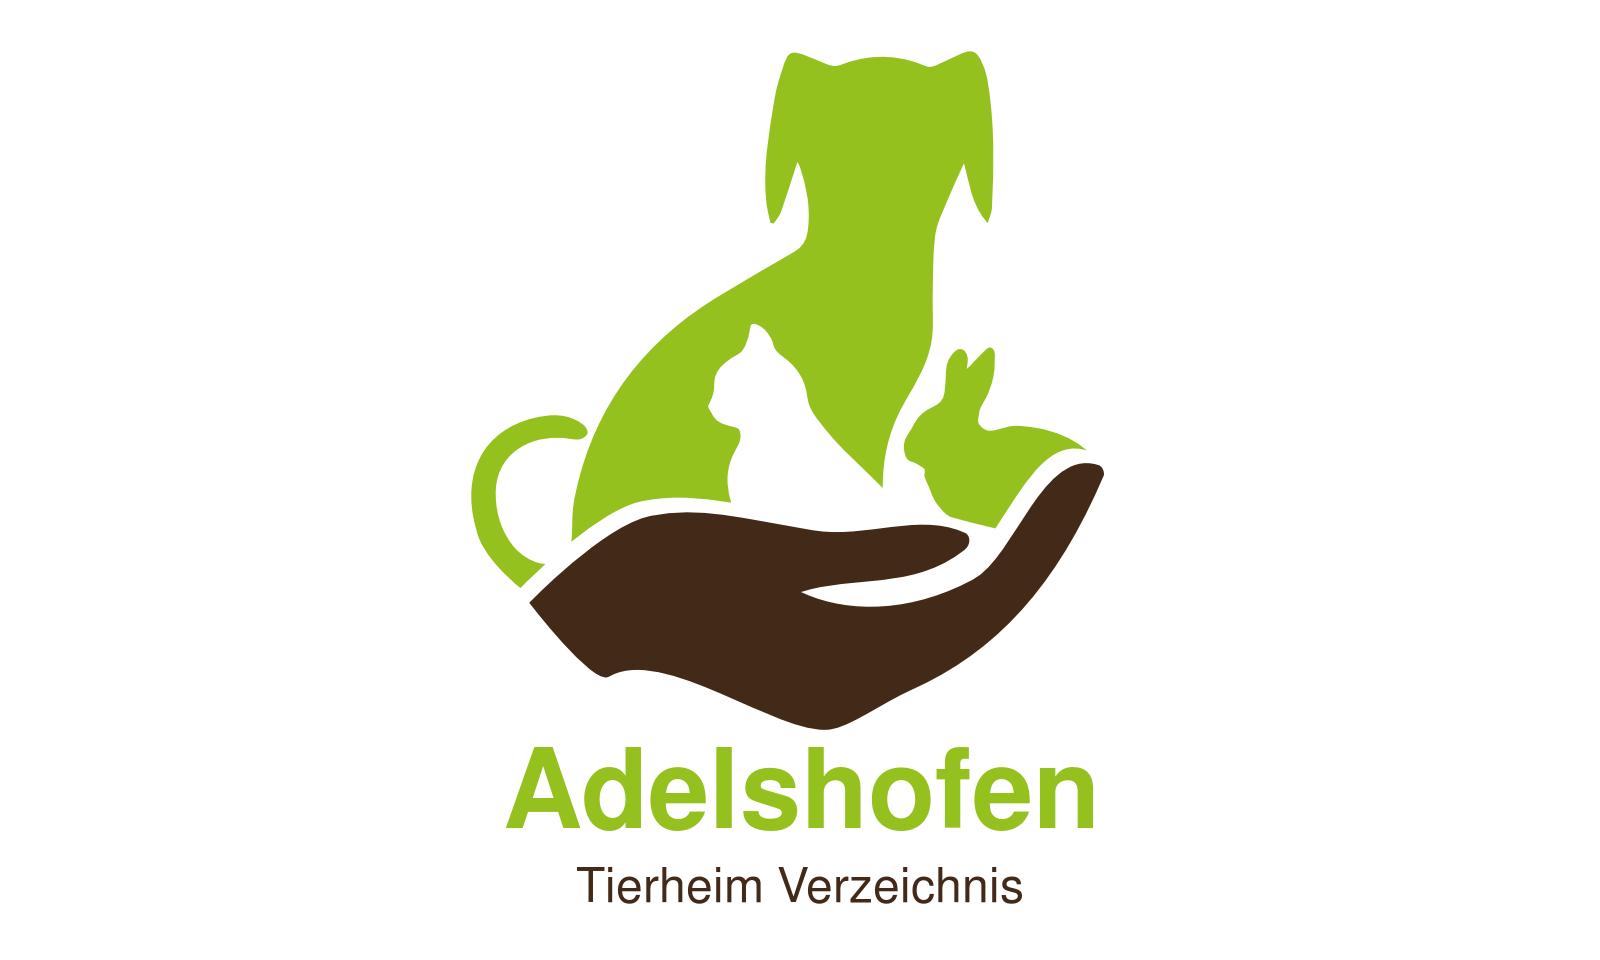 Tierheim Adelshofen